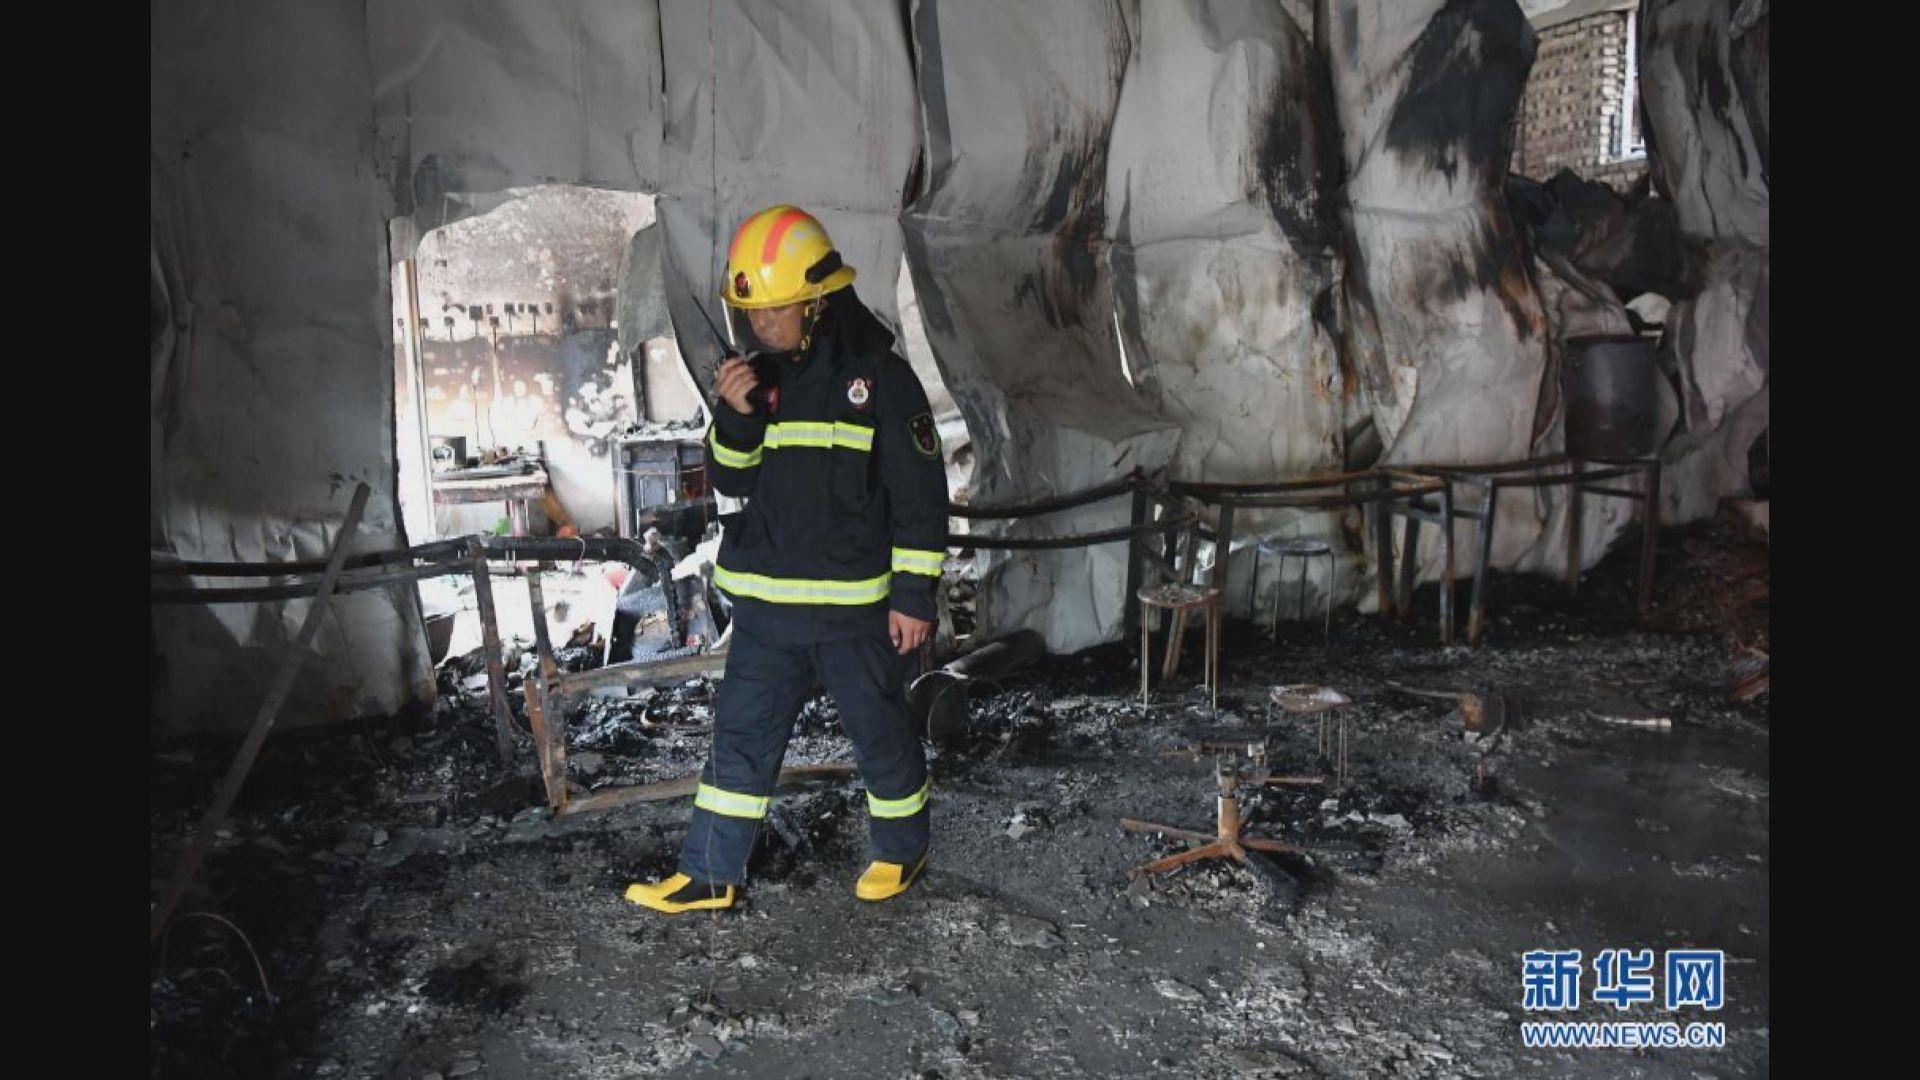 河南柘城縣武術館火災 至少18死16傷